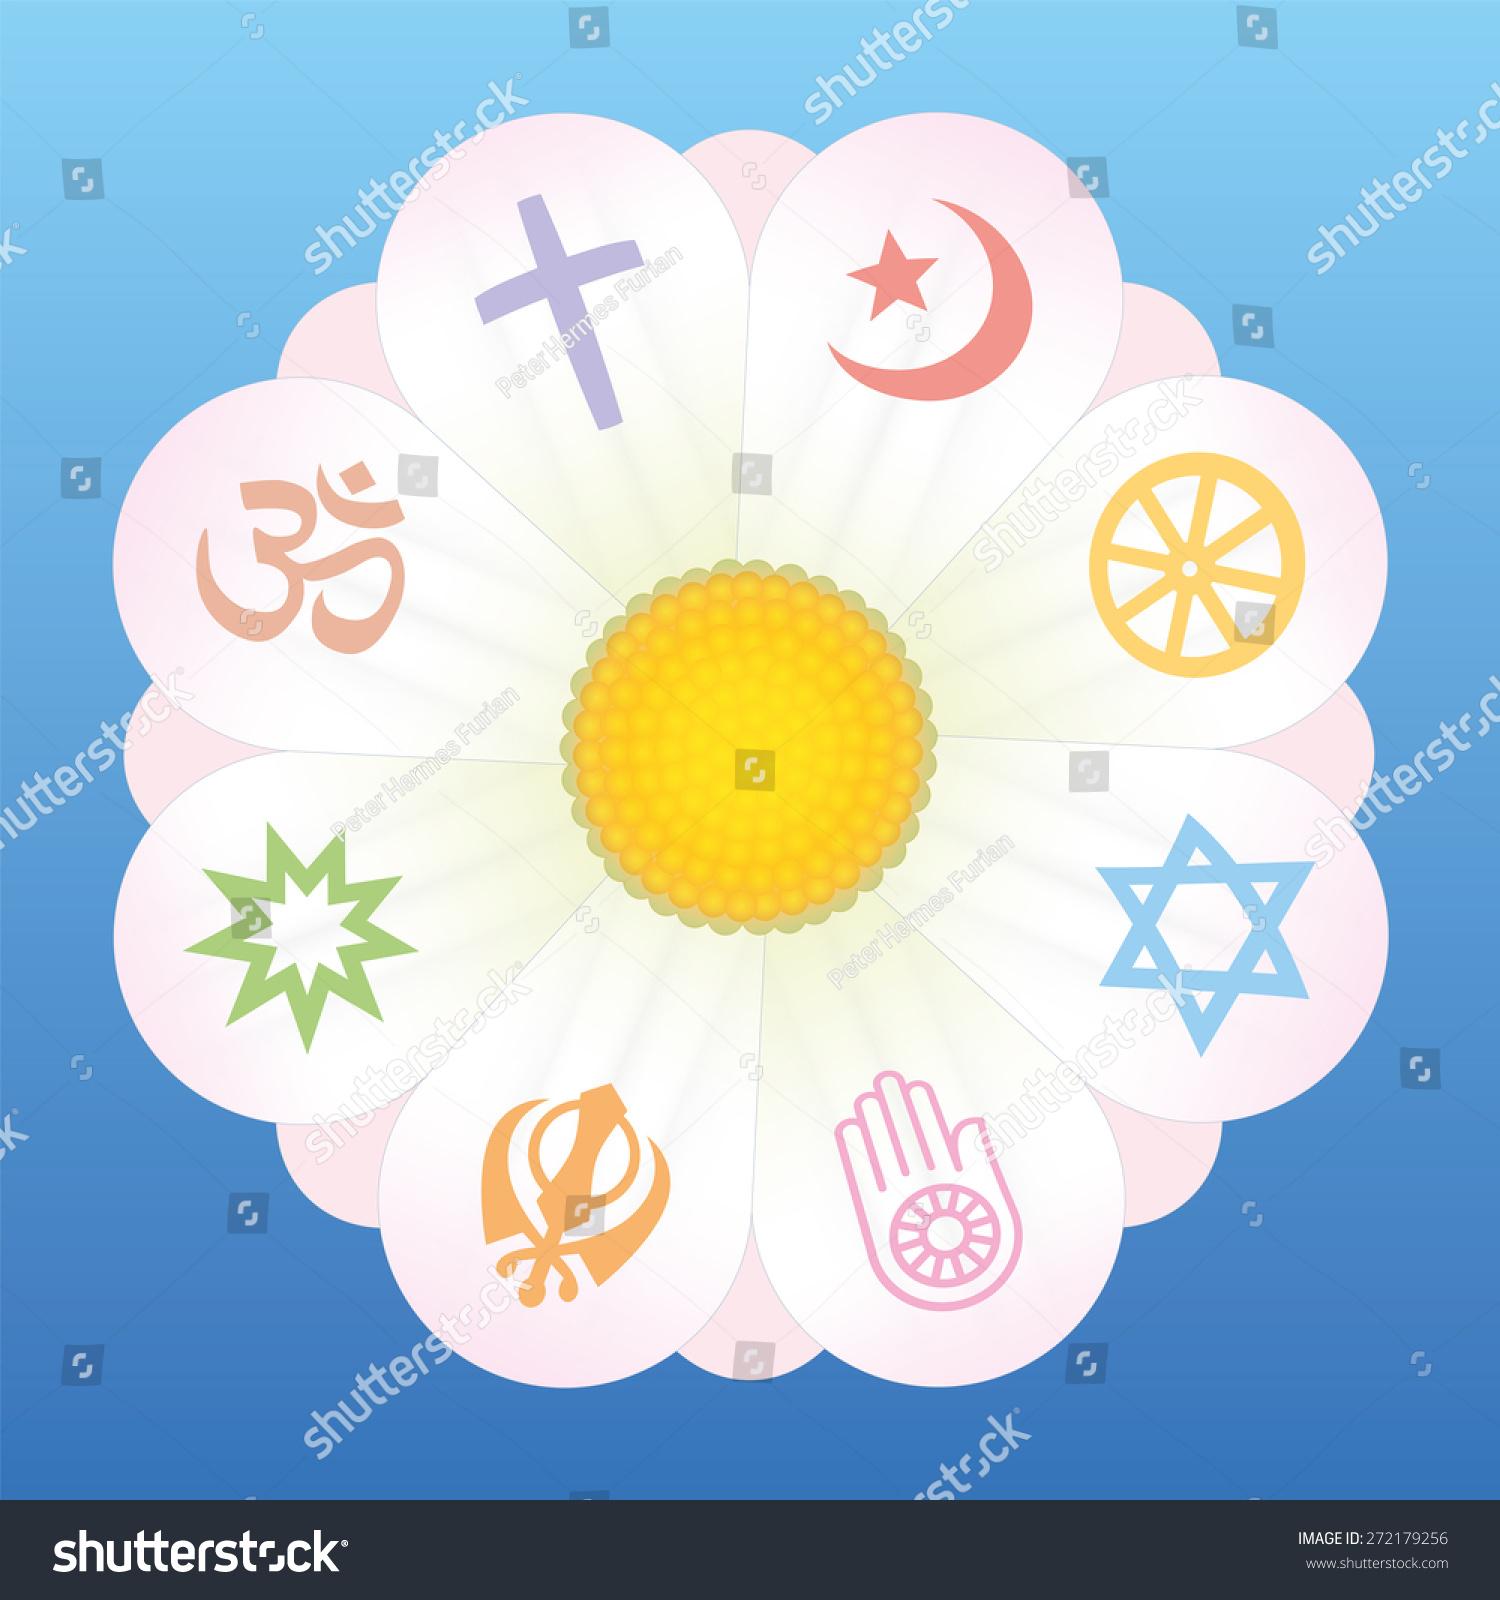 World Religion Symbols On Petals Flower Stock Vector 272179256